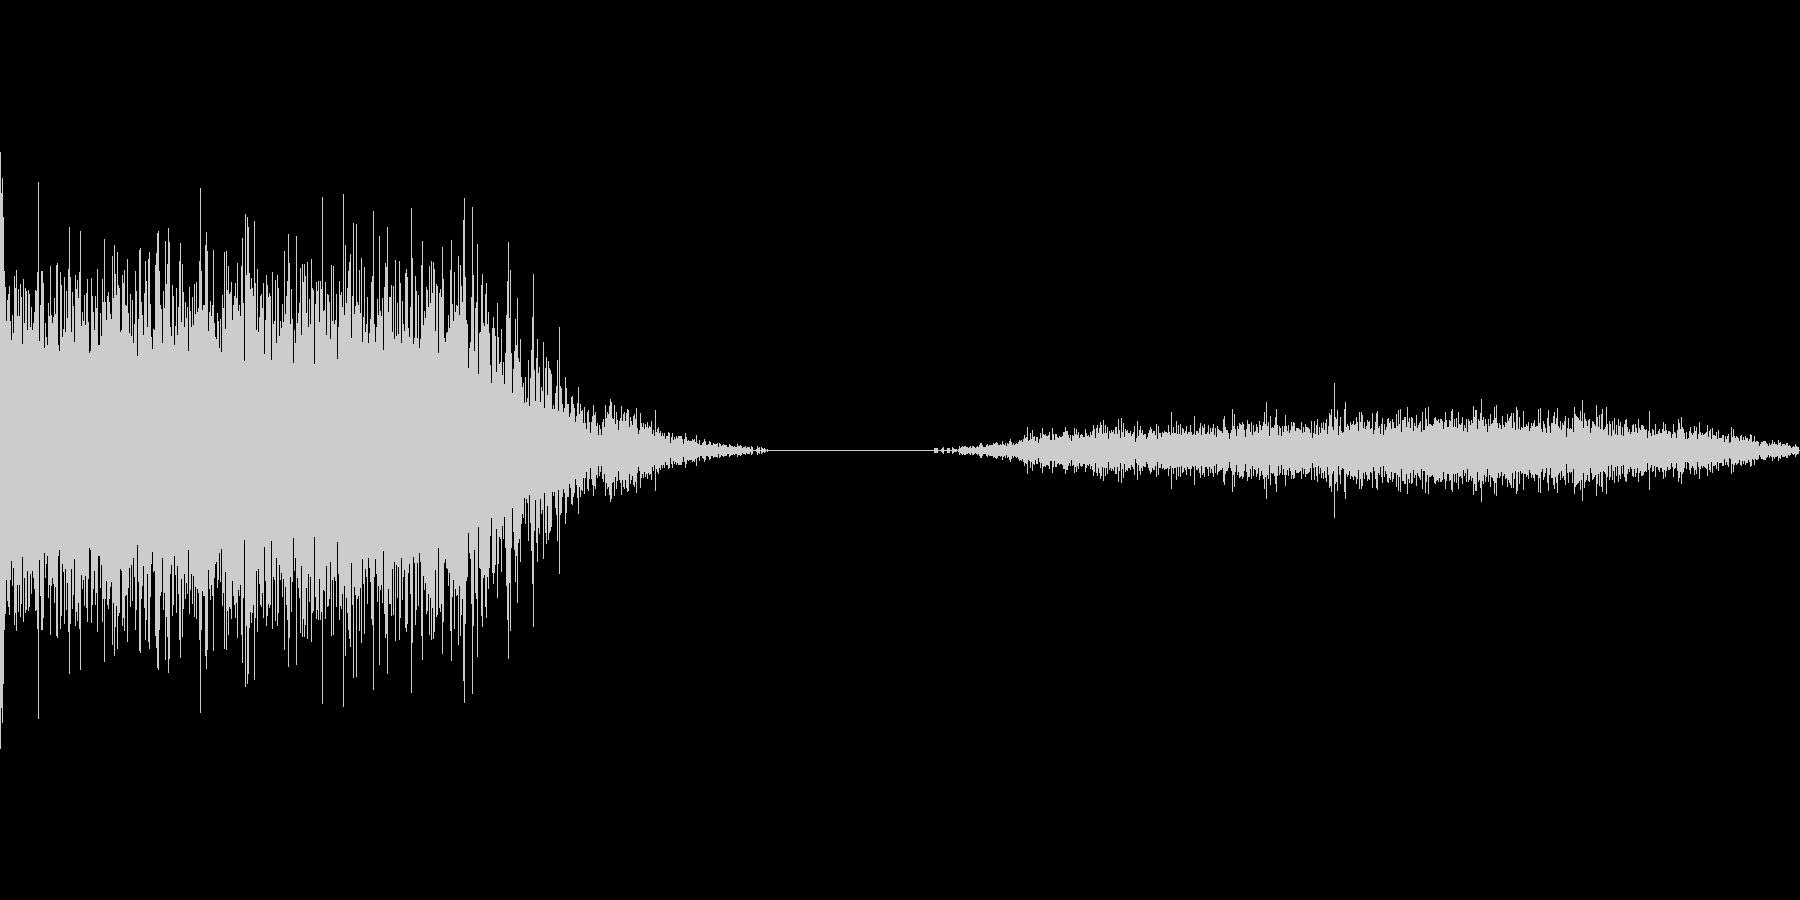 ロケット打ち上げ音2の未再生の波形